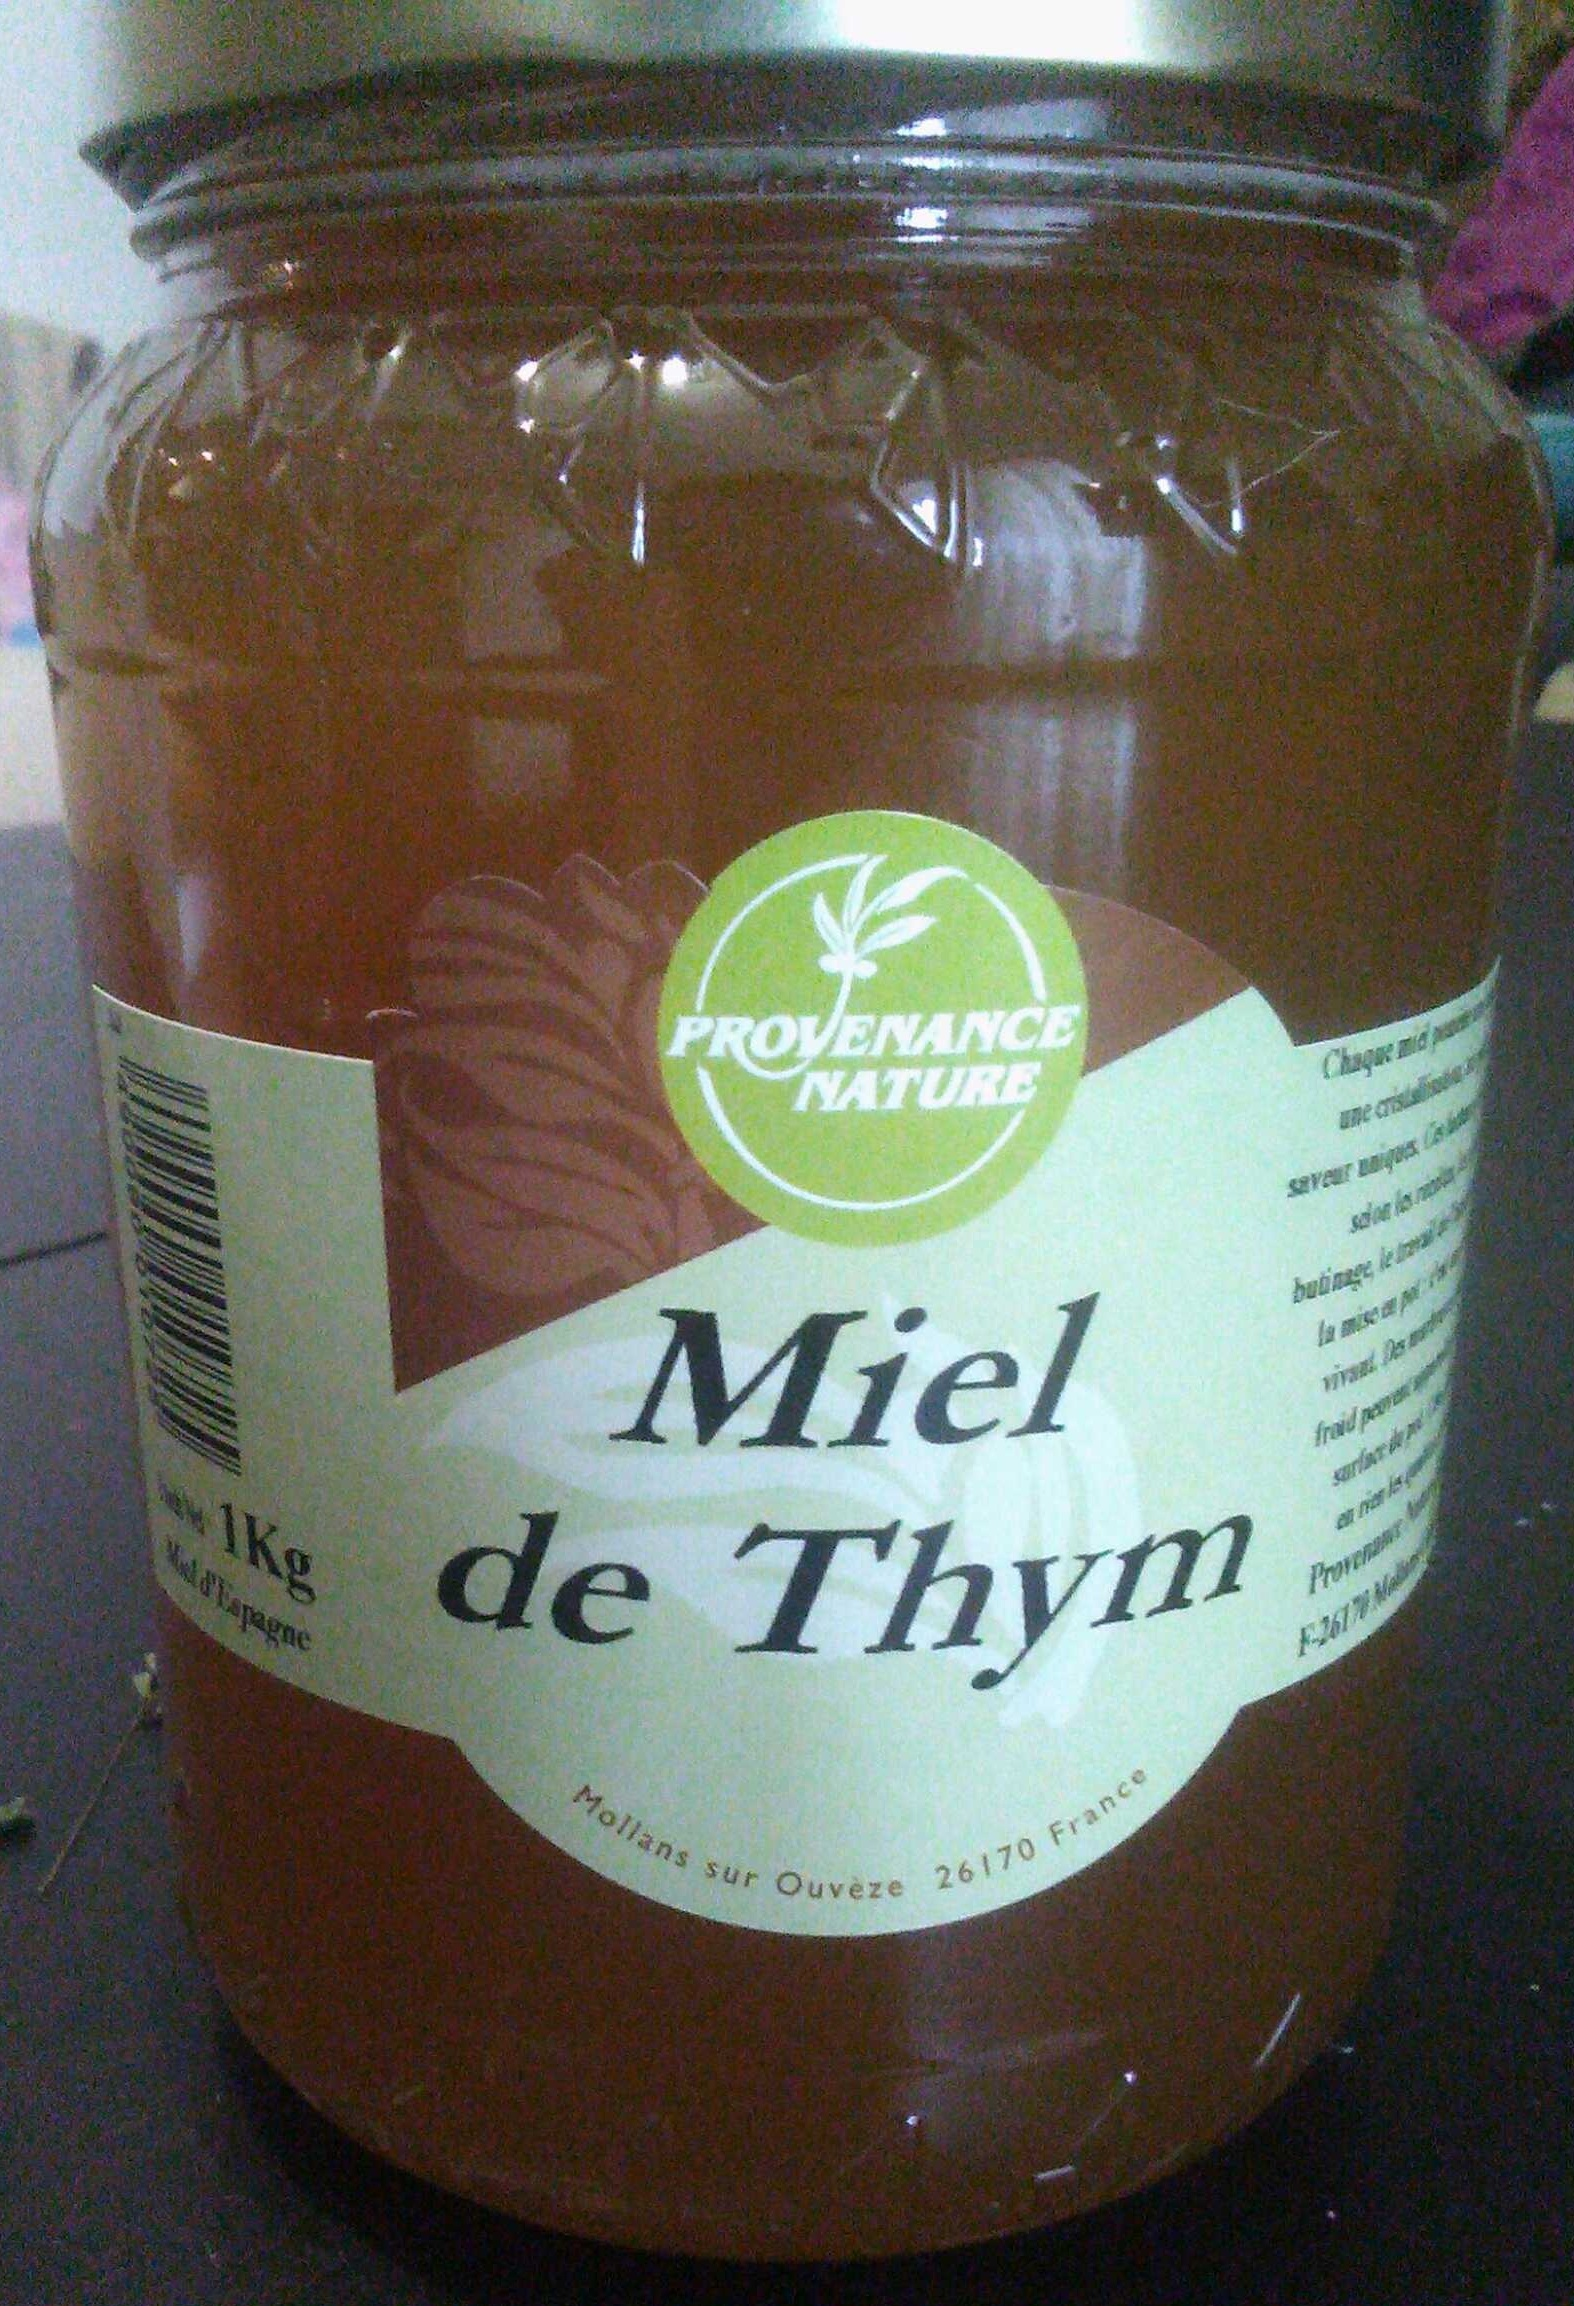 miel de thym provenance nature